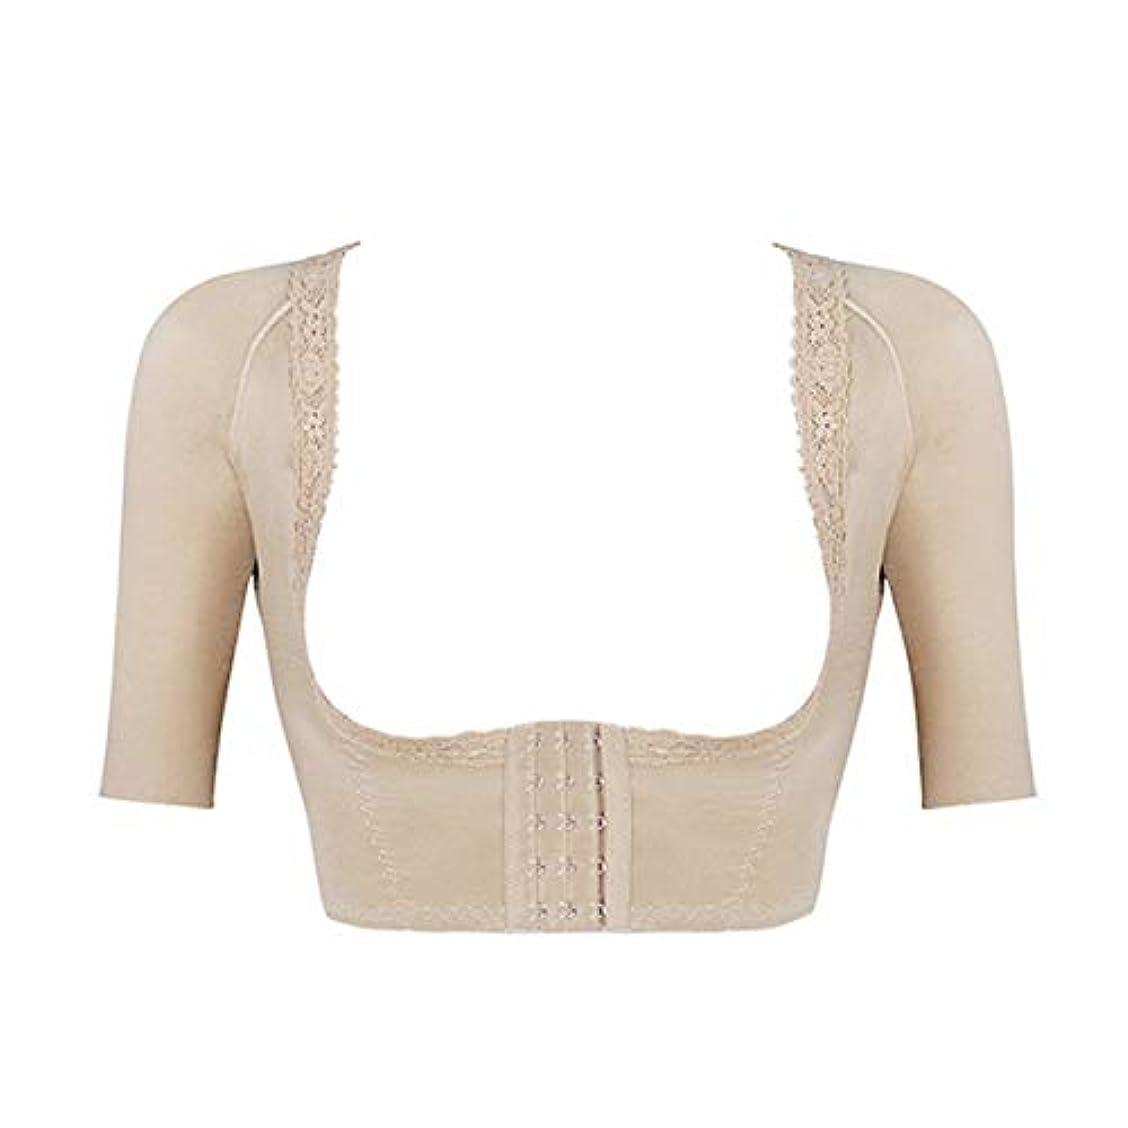 わずかに論争的コンサルタント女性のボディシェイパートップス快適な女性の腕の脂肪燃焼乳房リフトシェイプウェアスリムトレーナーコルセット-スキンカラー-70